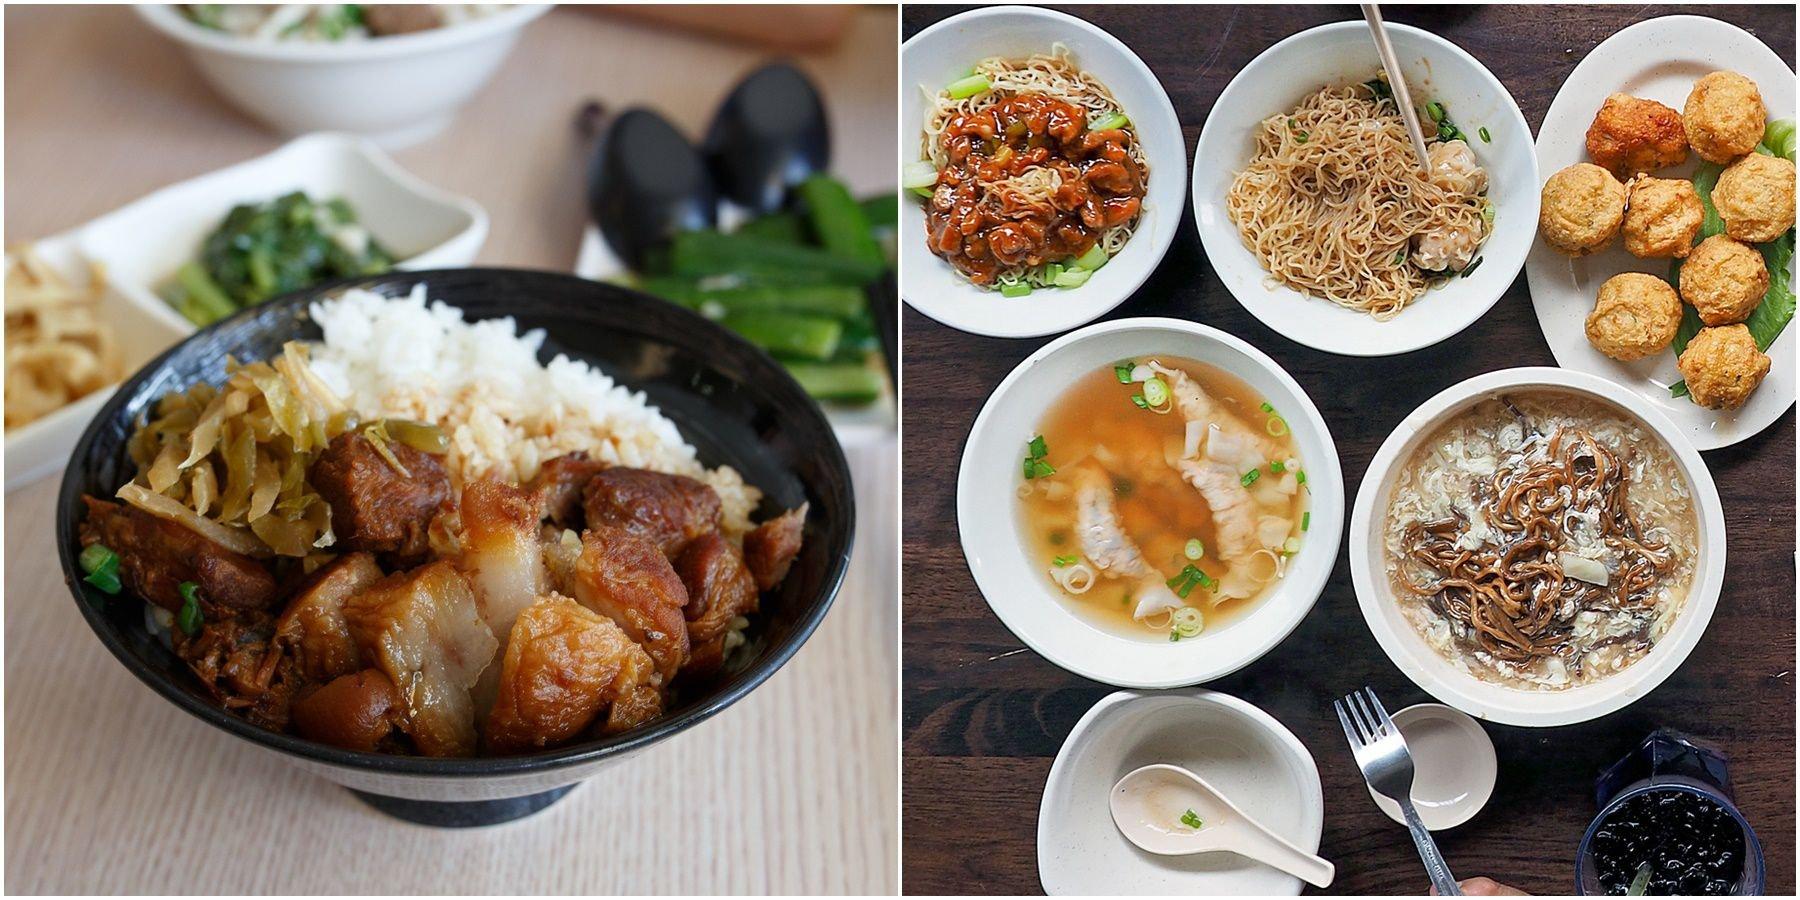 img 5b1f0fc8b853f.png?resize=648,365 - 全球「十大美食城市」公開,台灣這座城市也上榜